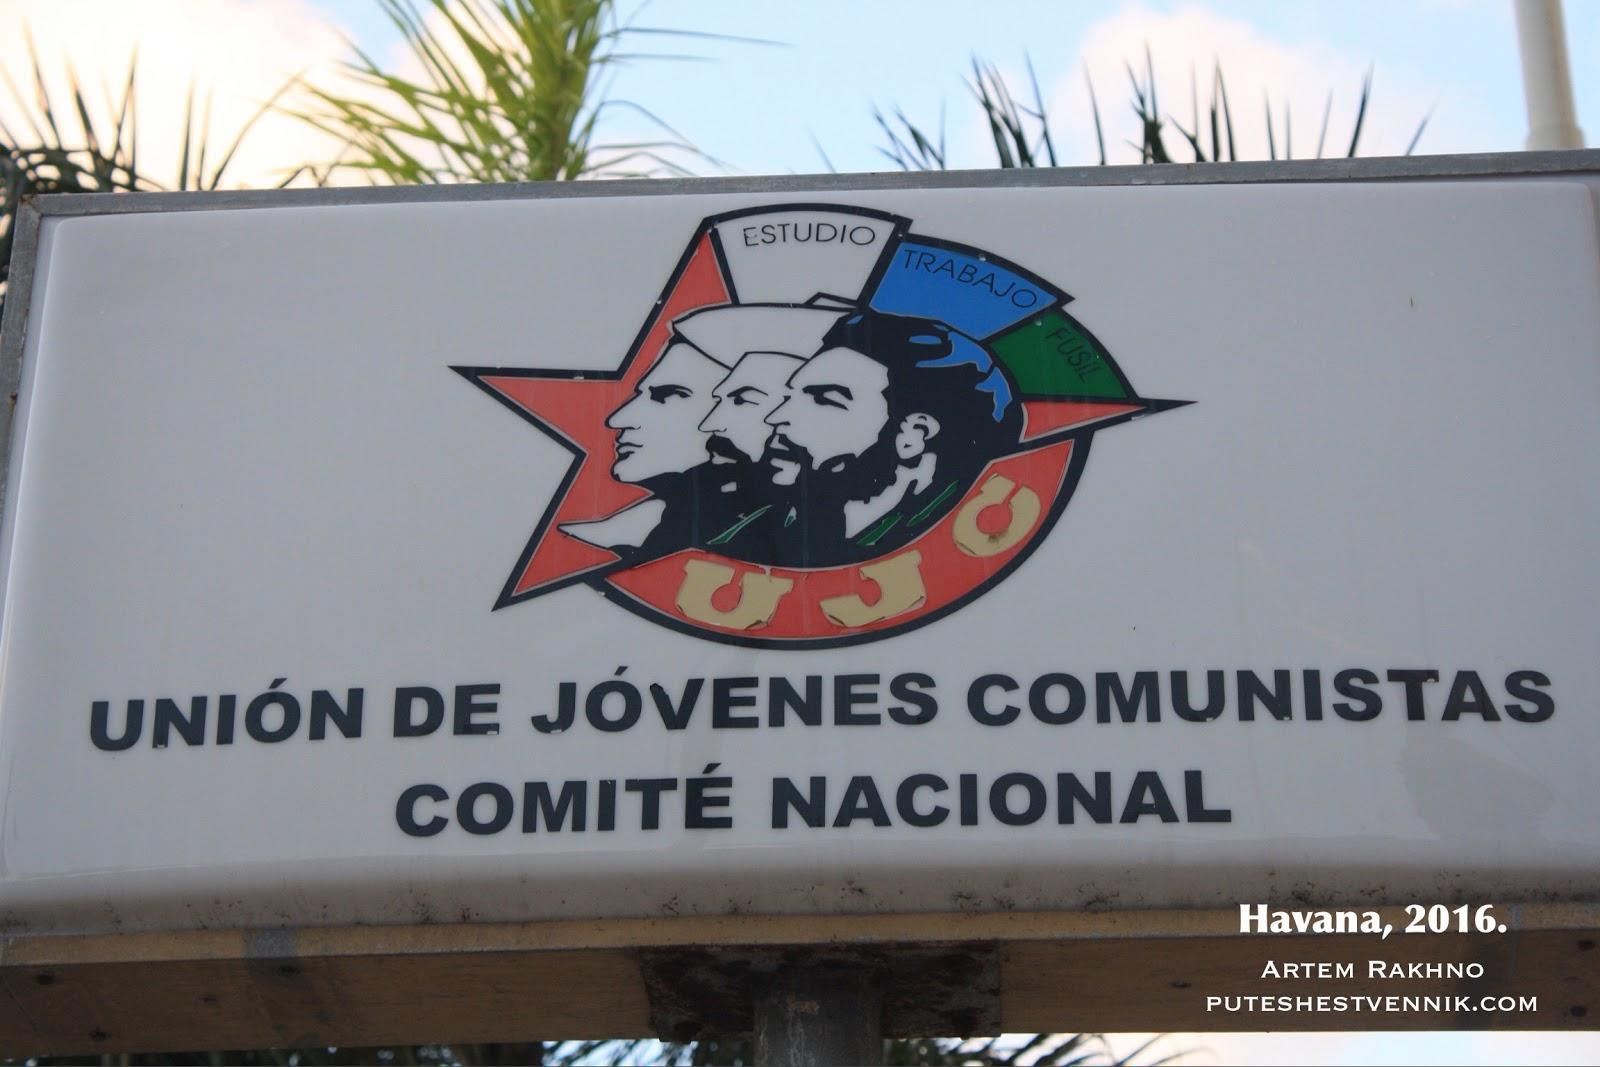 Союз коммунистической молодежи Кубы